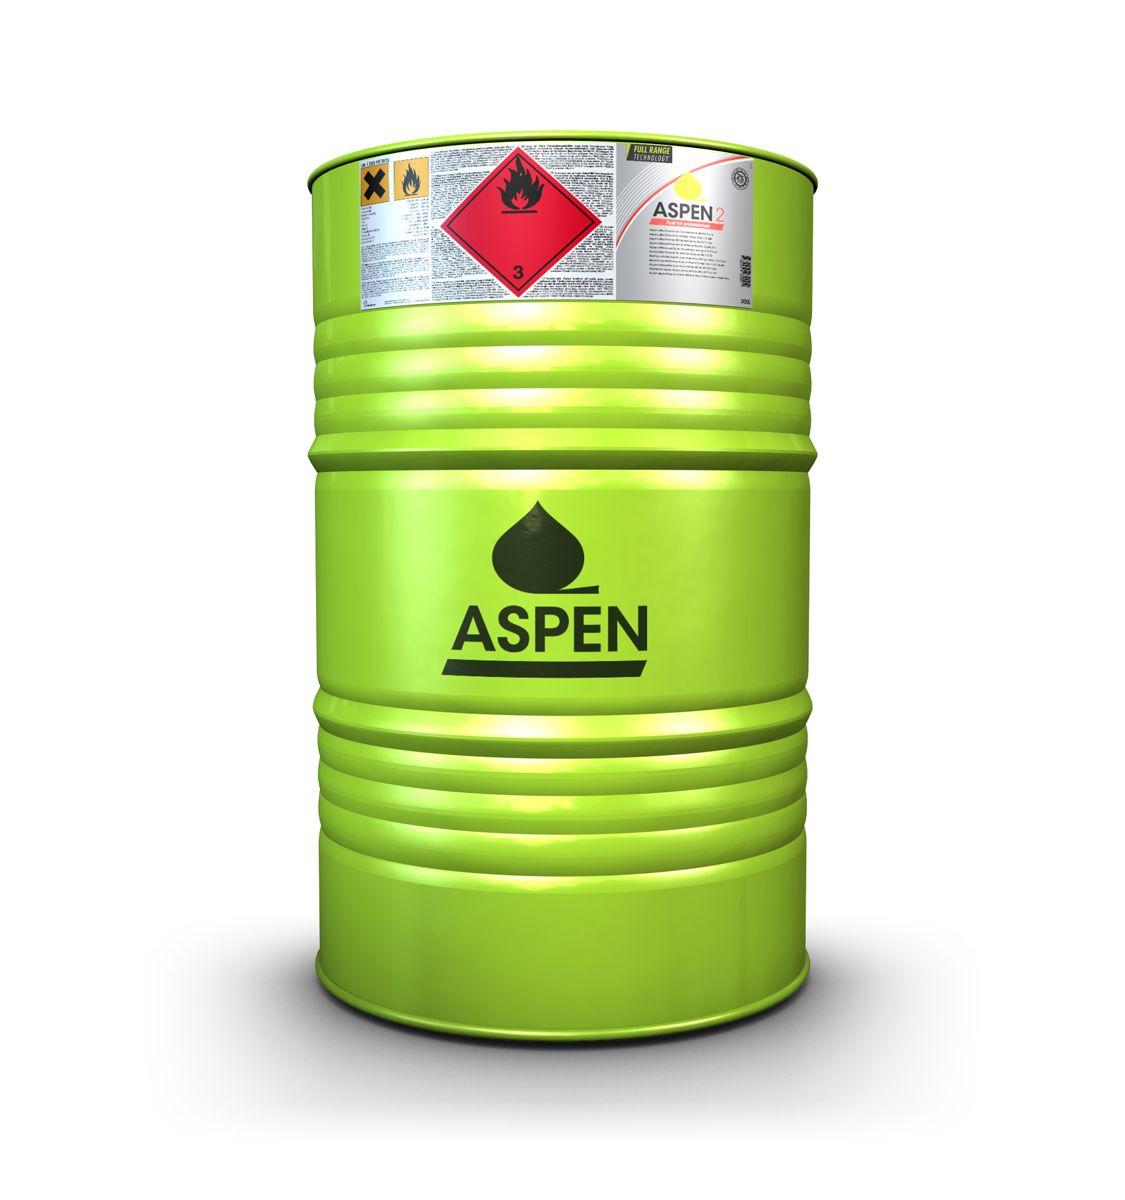 Aspen frt brandstof vat 200 liter